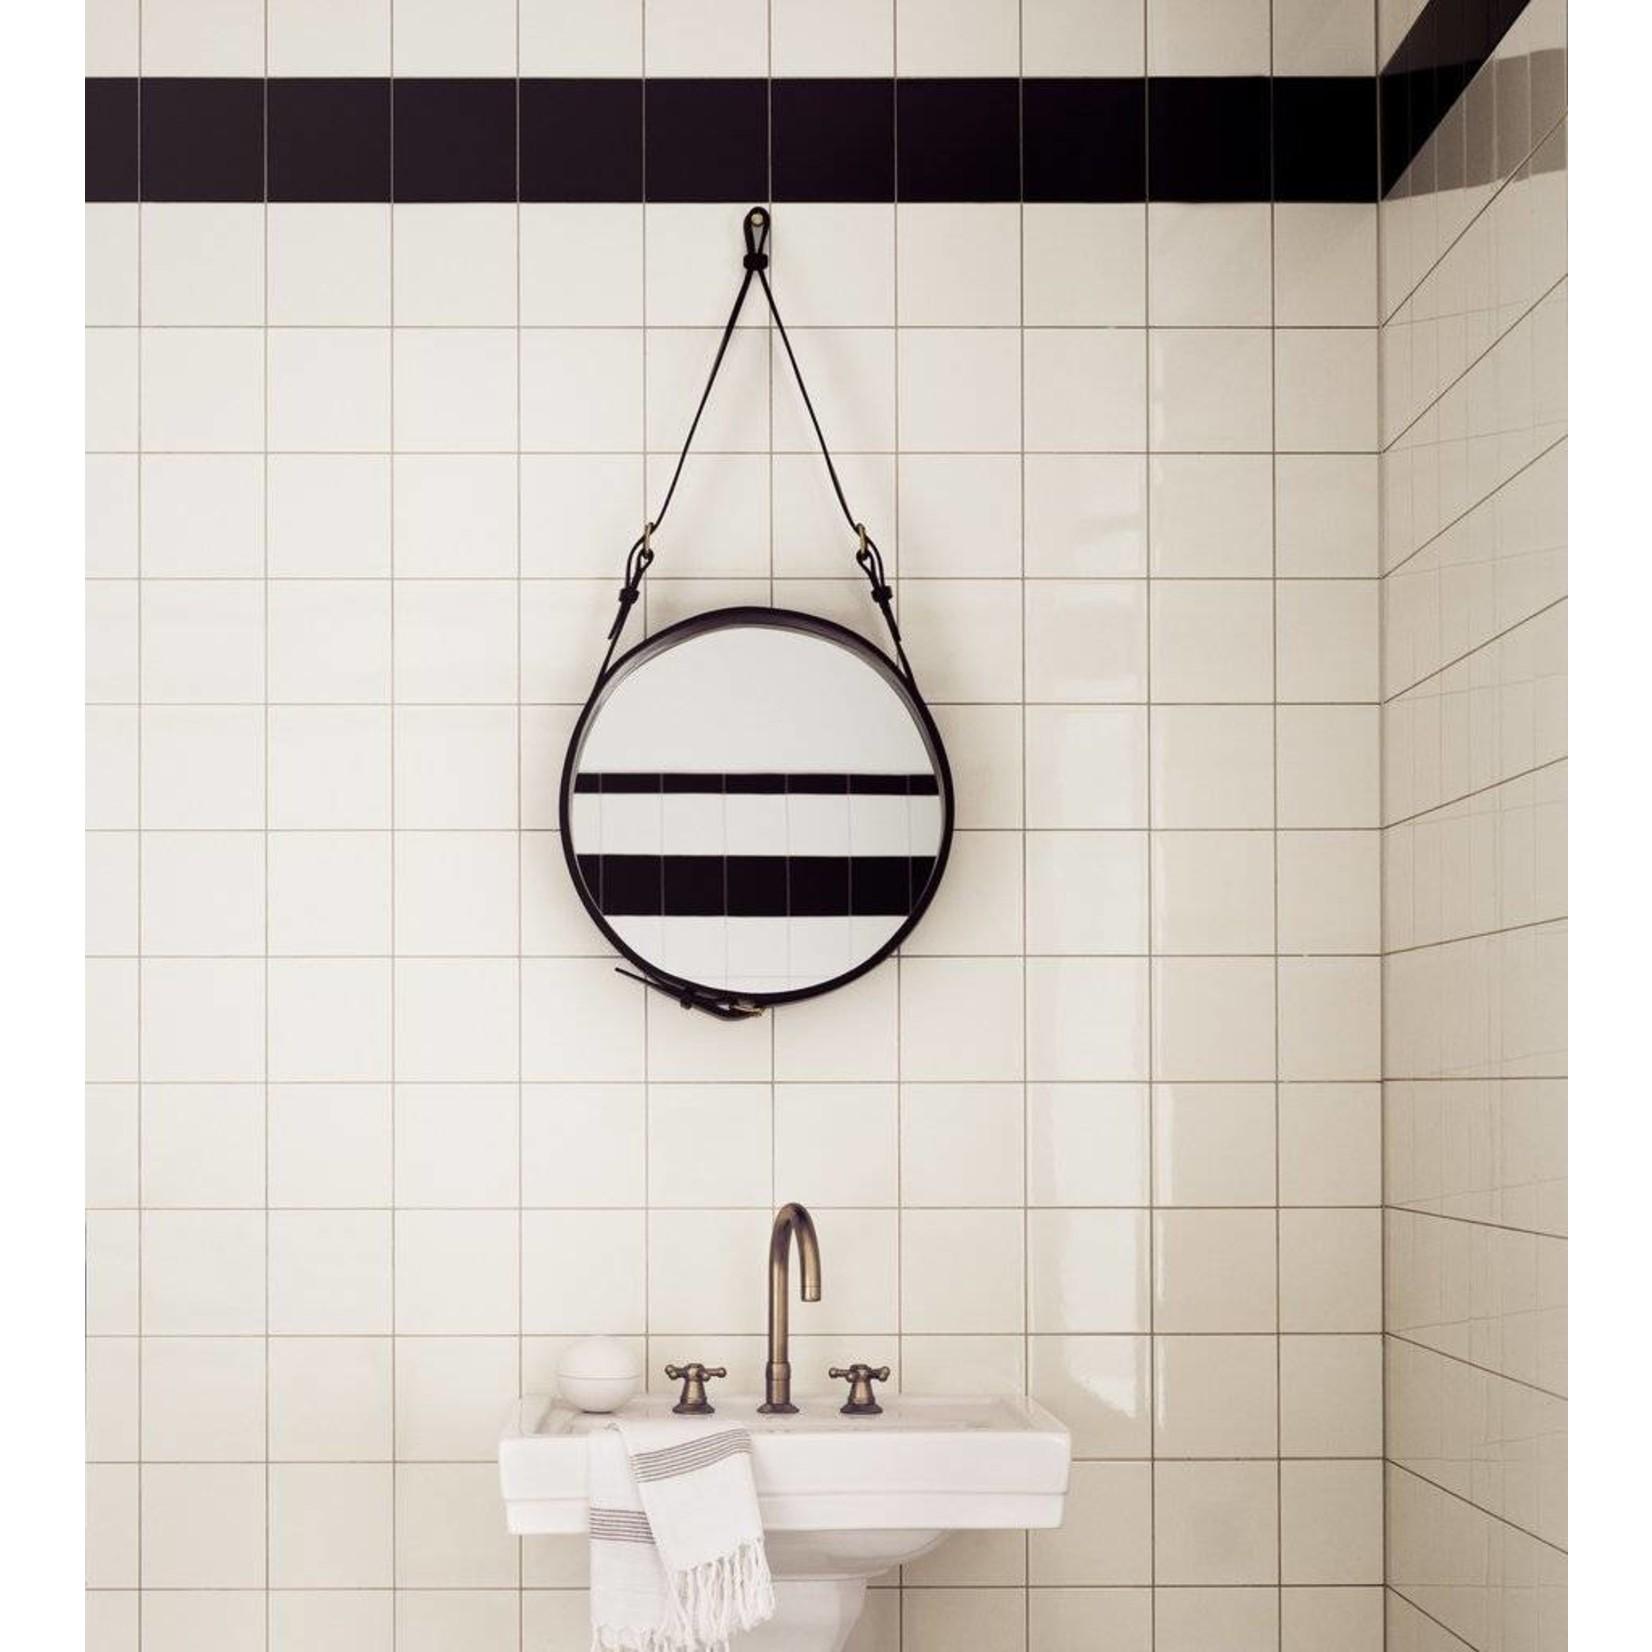 Gubi Wandspiegel Adnet - Rond - Ø45 - Black Leather